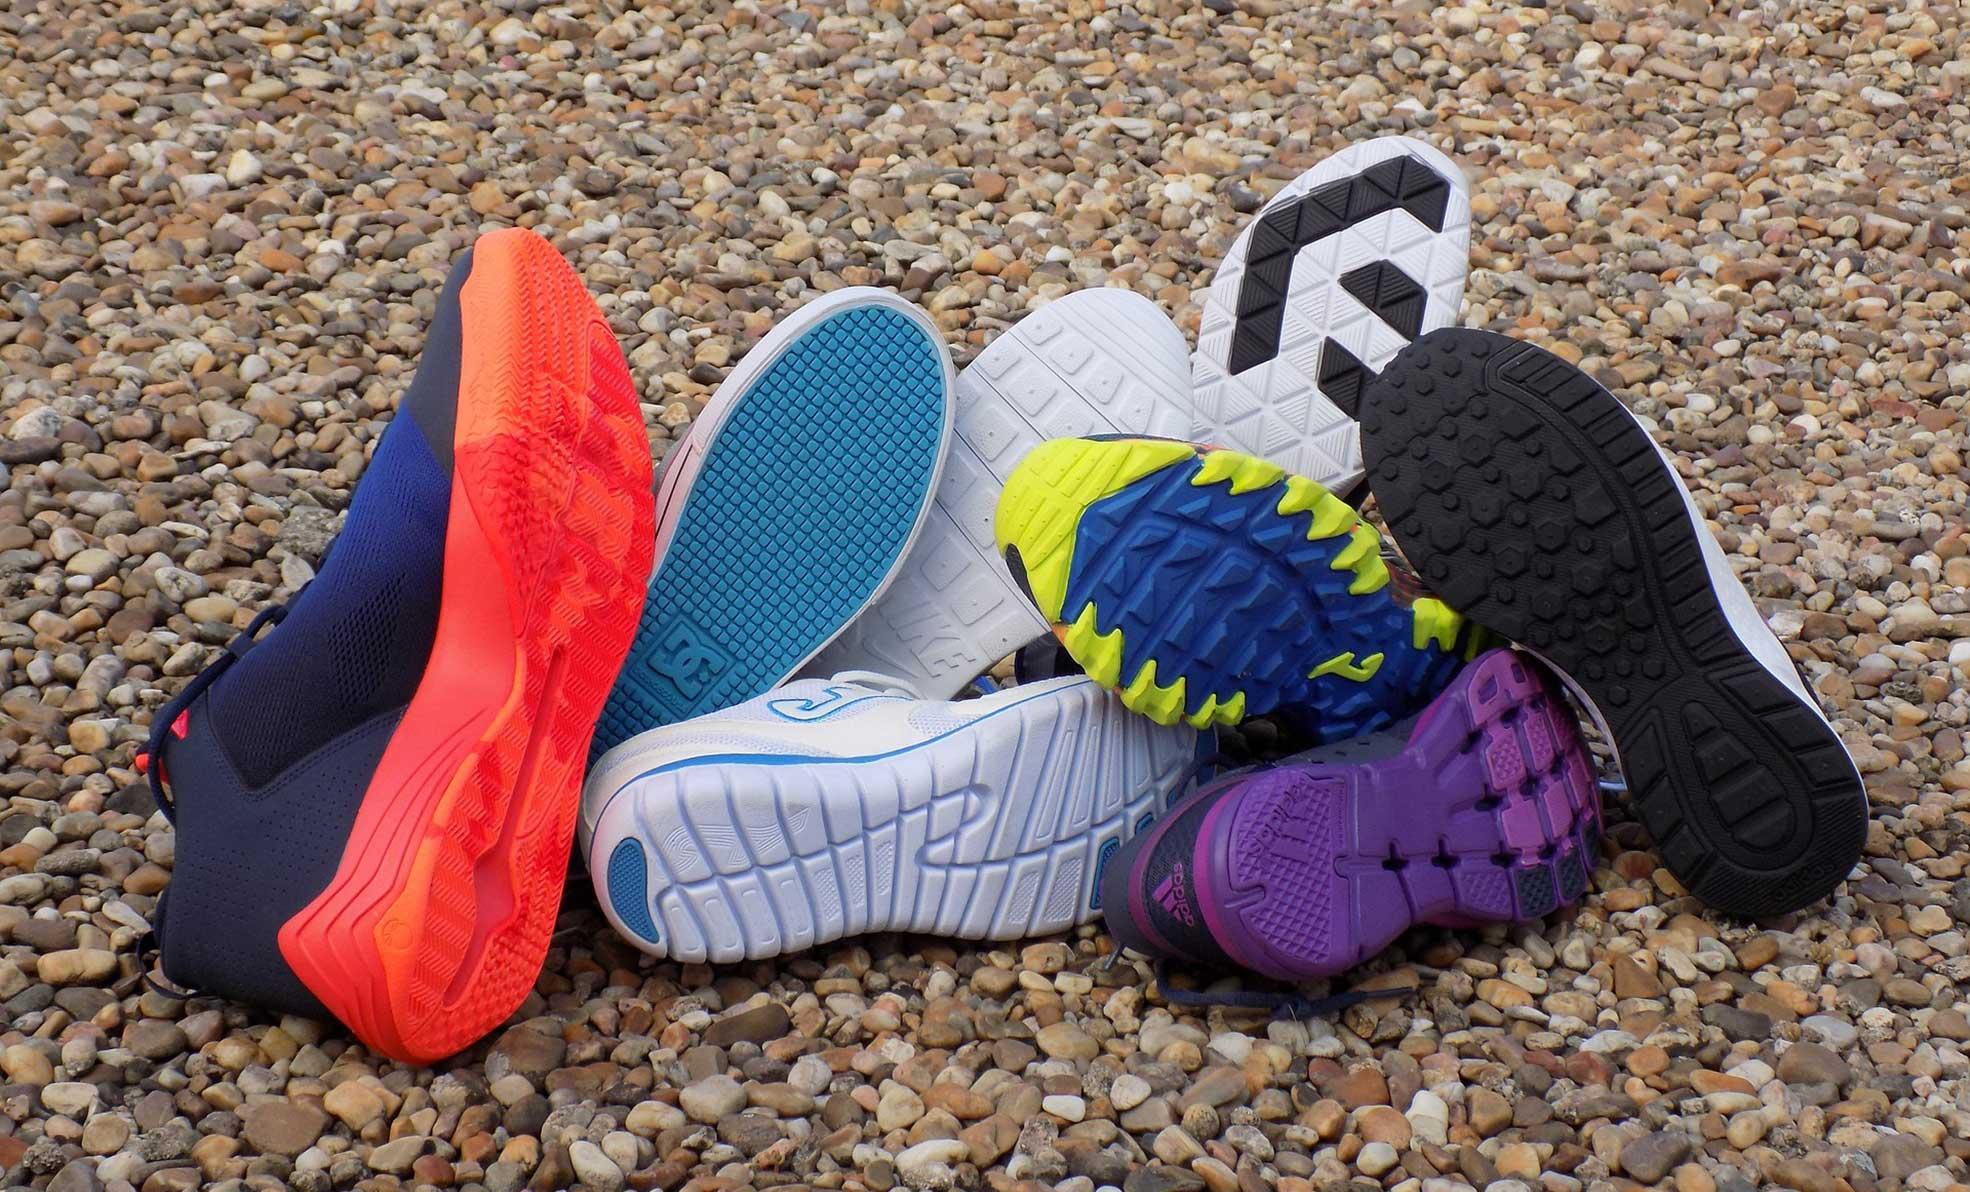 imagen blog FaWellness | Elige bien tus zapatillas para hacer deporte, guapas sí, pero mejor confortables